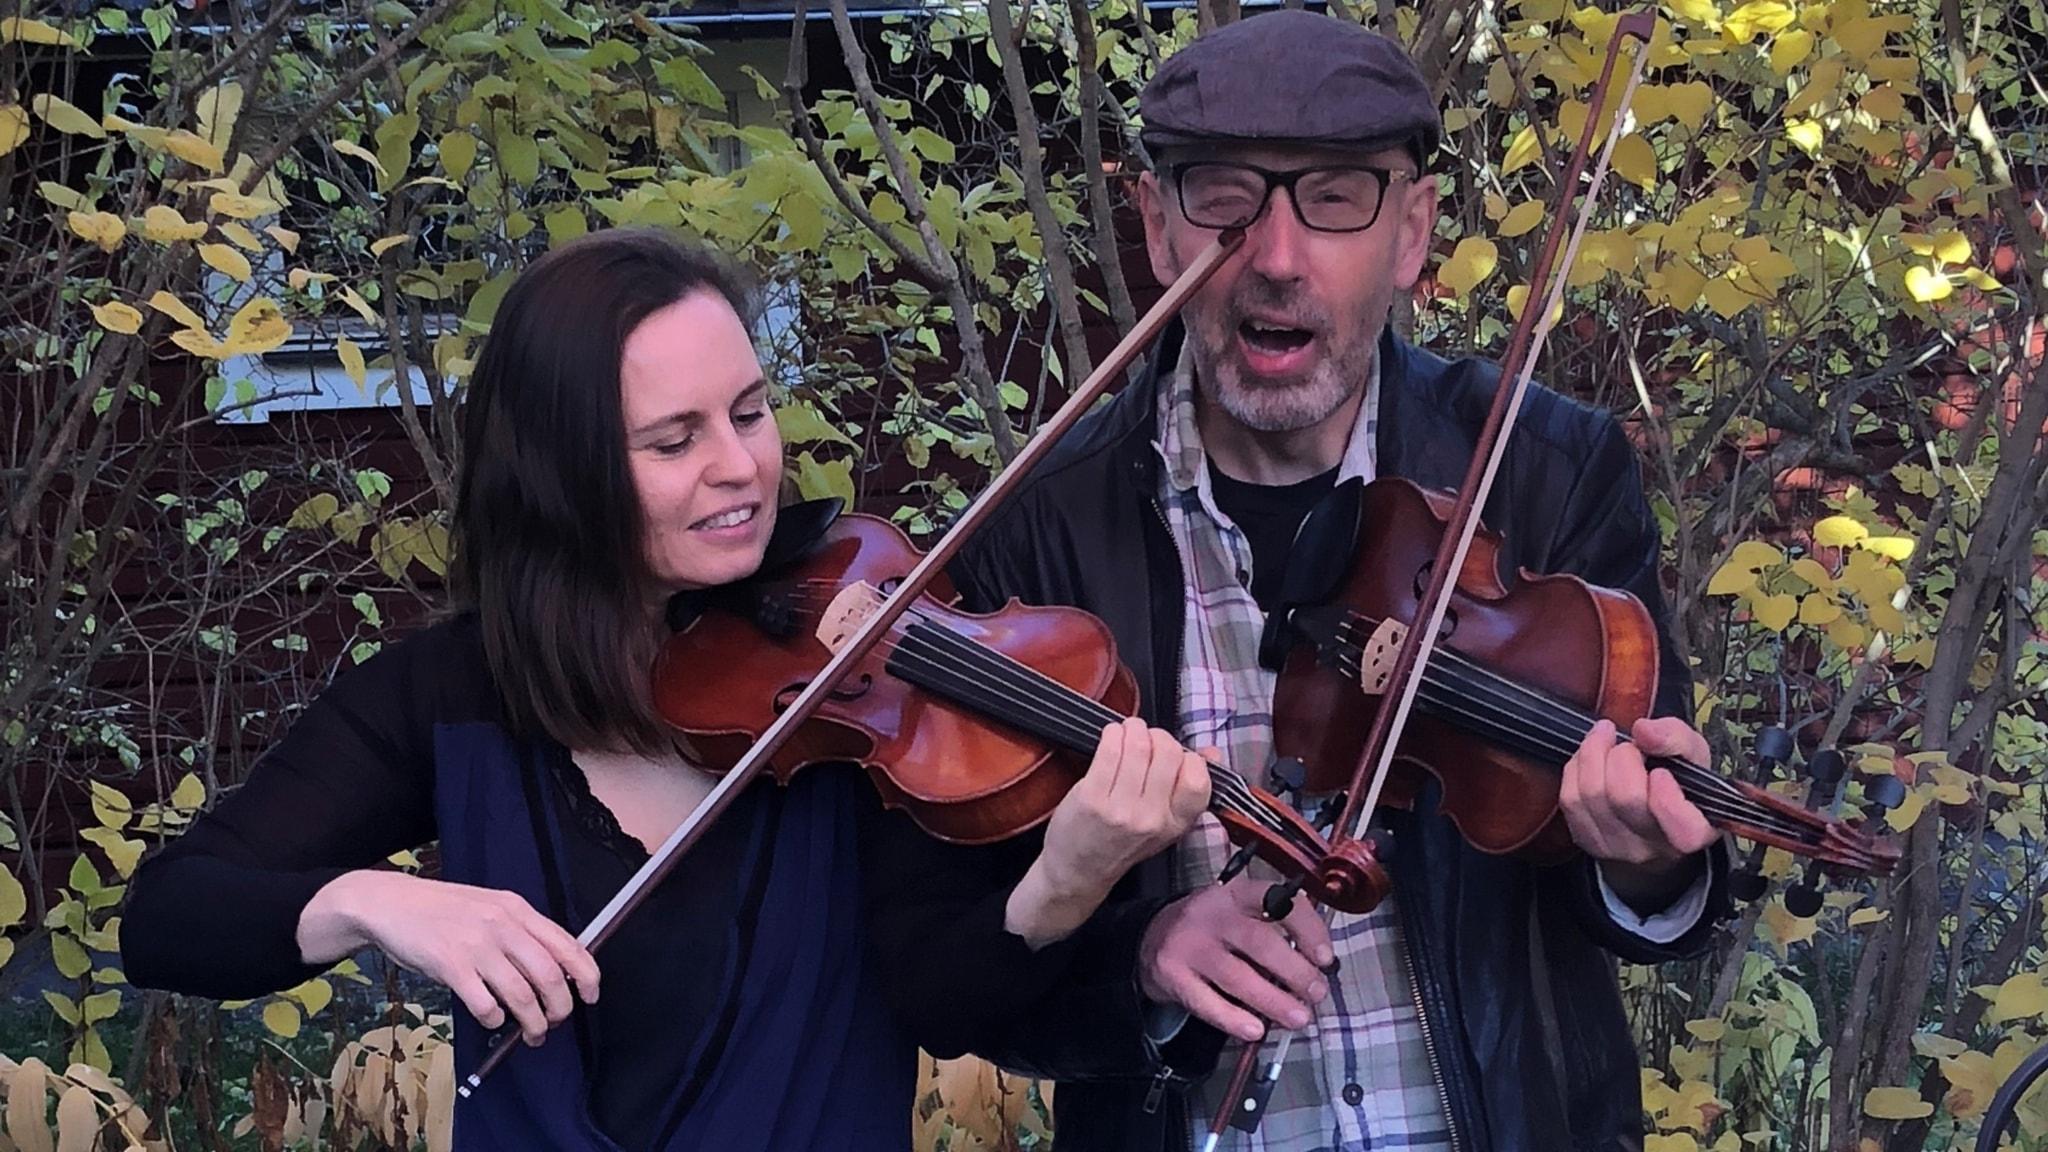 KONSERT: Ny spelmansmusik med Duo Disparat